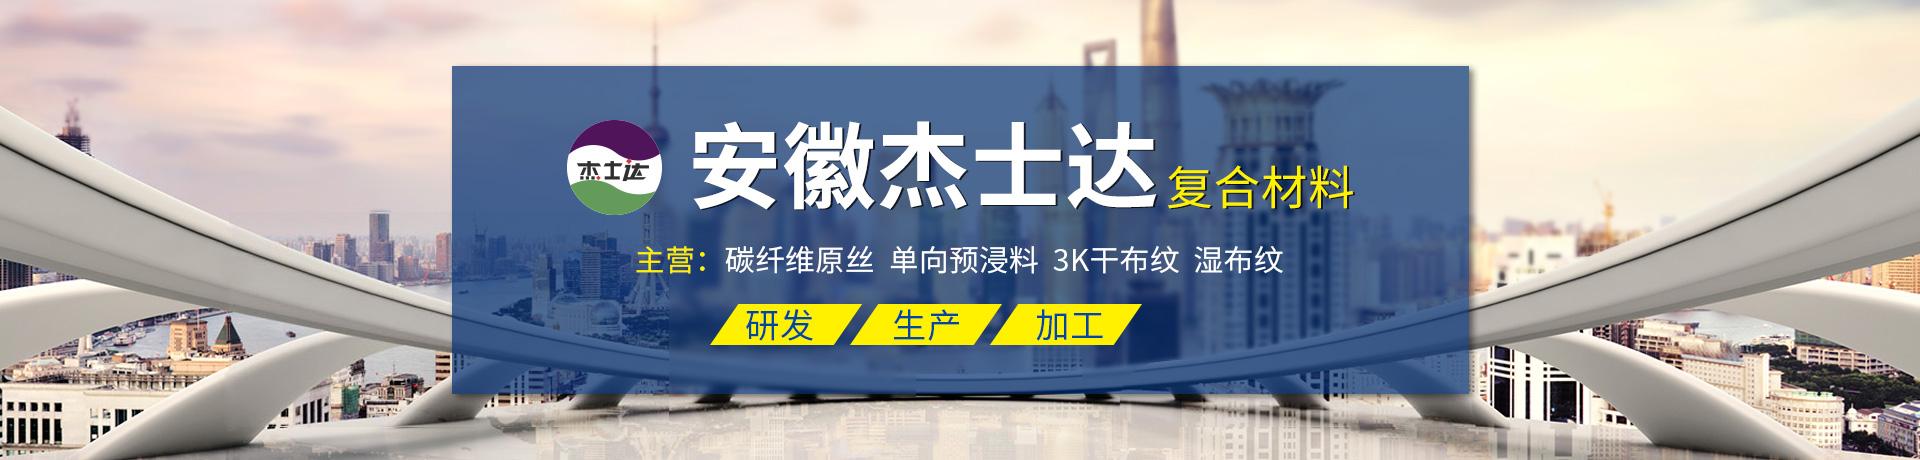 安徽杰士达复合材料科技有限公司